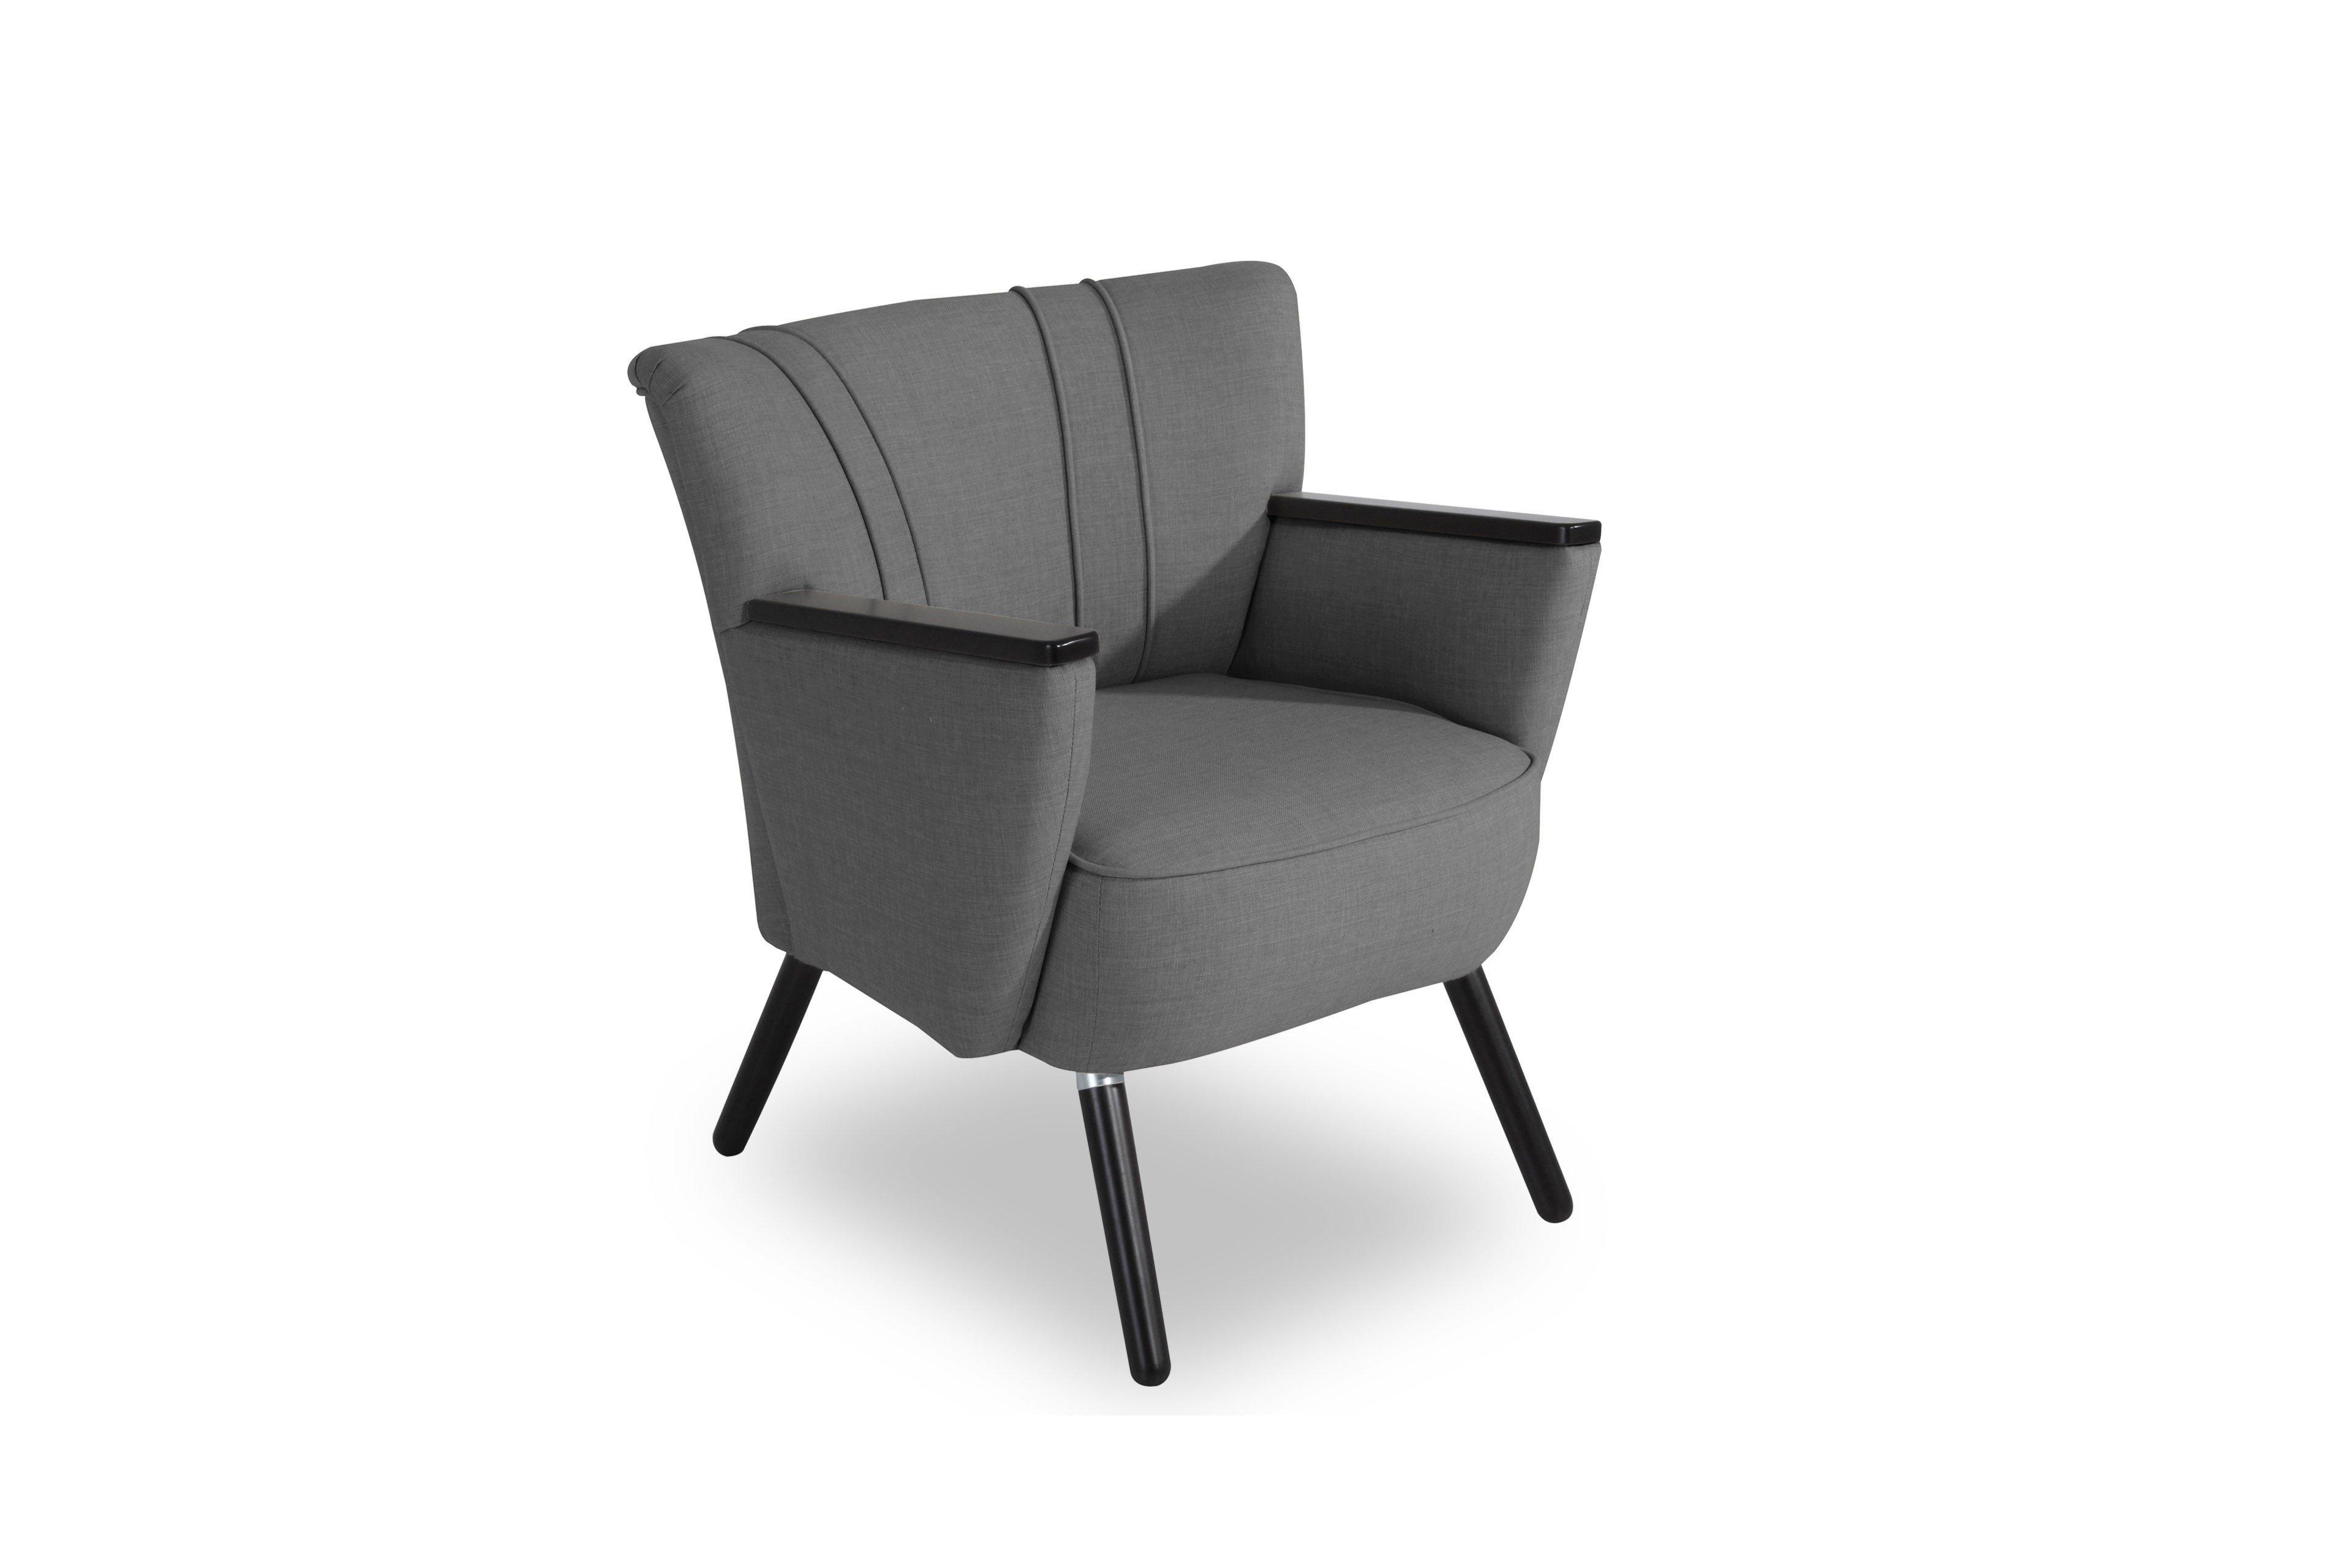 max winzer sessel, max winzer laurin sessel in grau | möbel letz - ihr online-shop, Design ideen